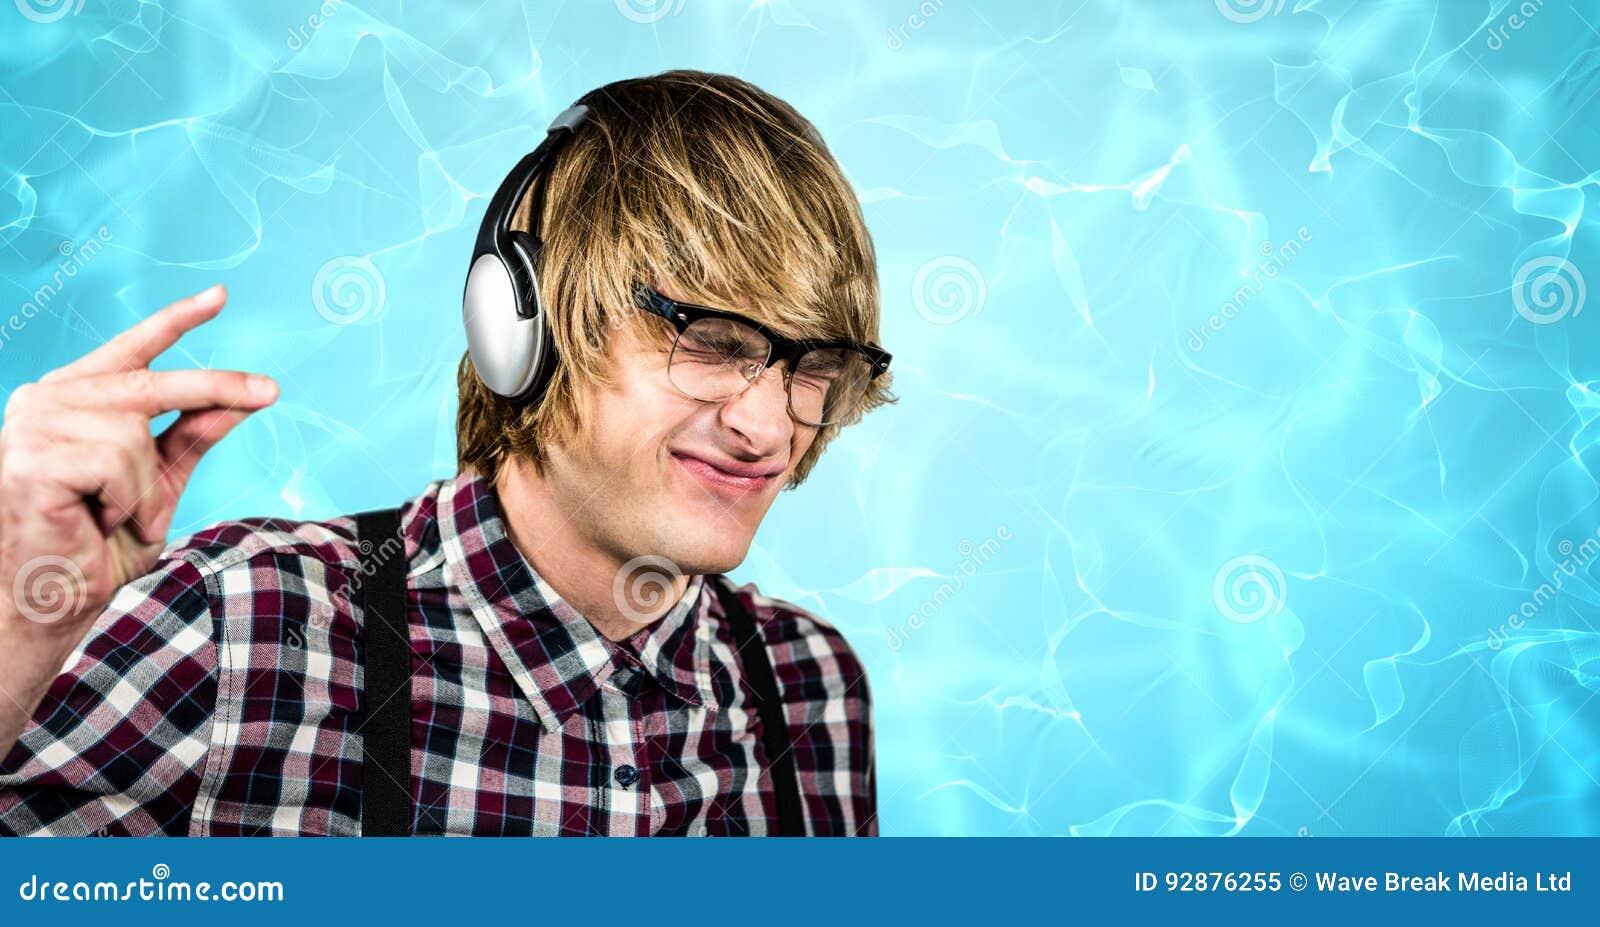 Dedos de agarramento do moderno masculino ao apreciar a música em fones de ouvido